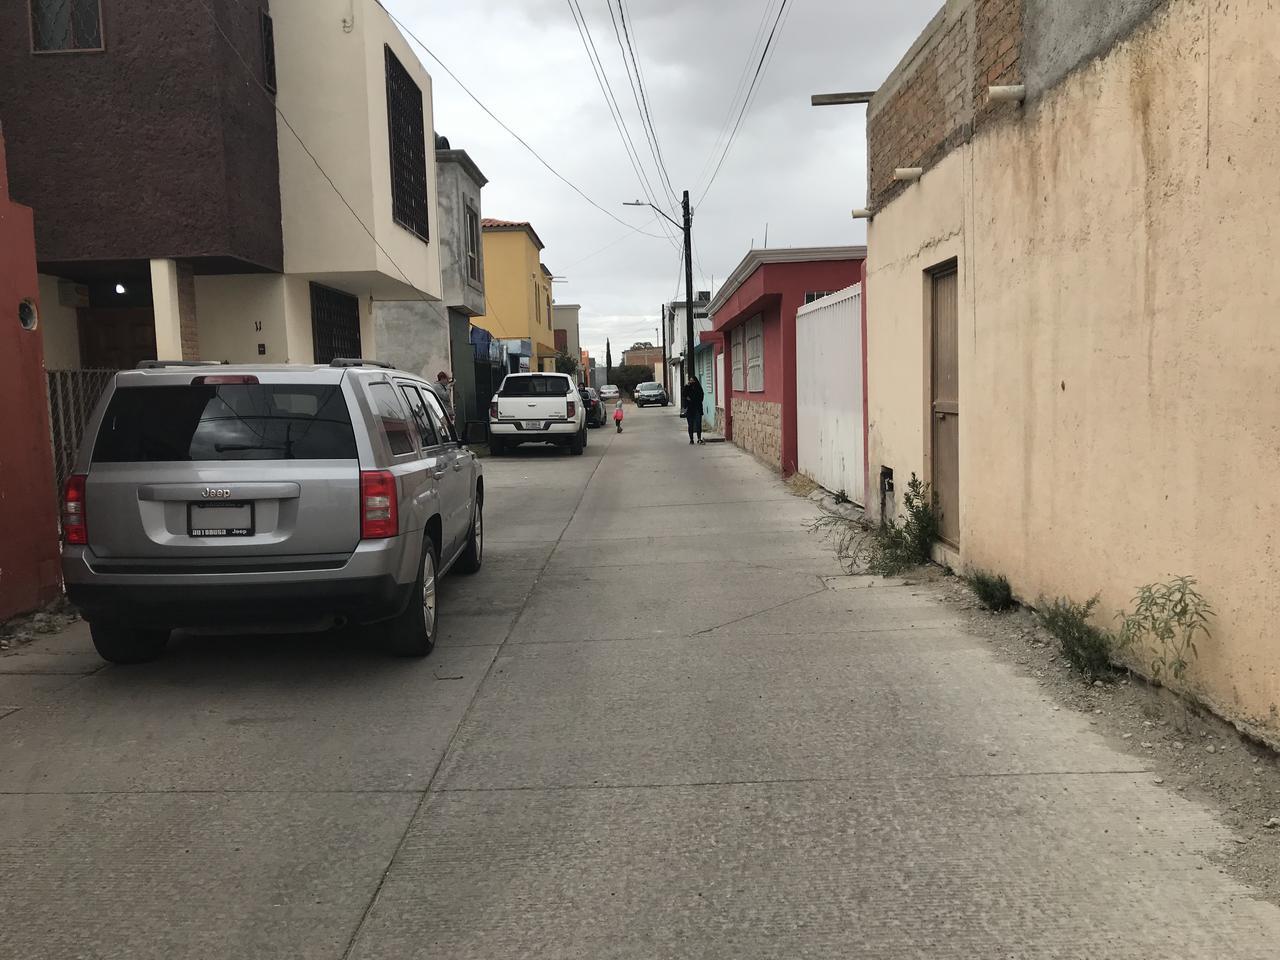 Joven se suicida en hogar del Barrio de Tierra Blanca